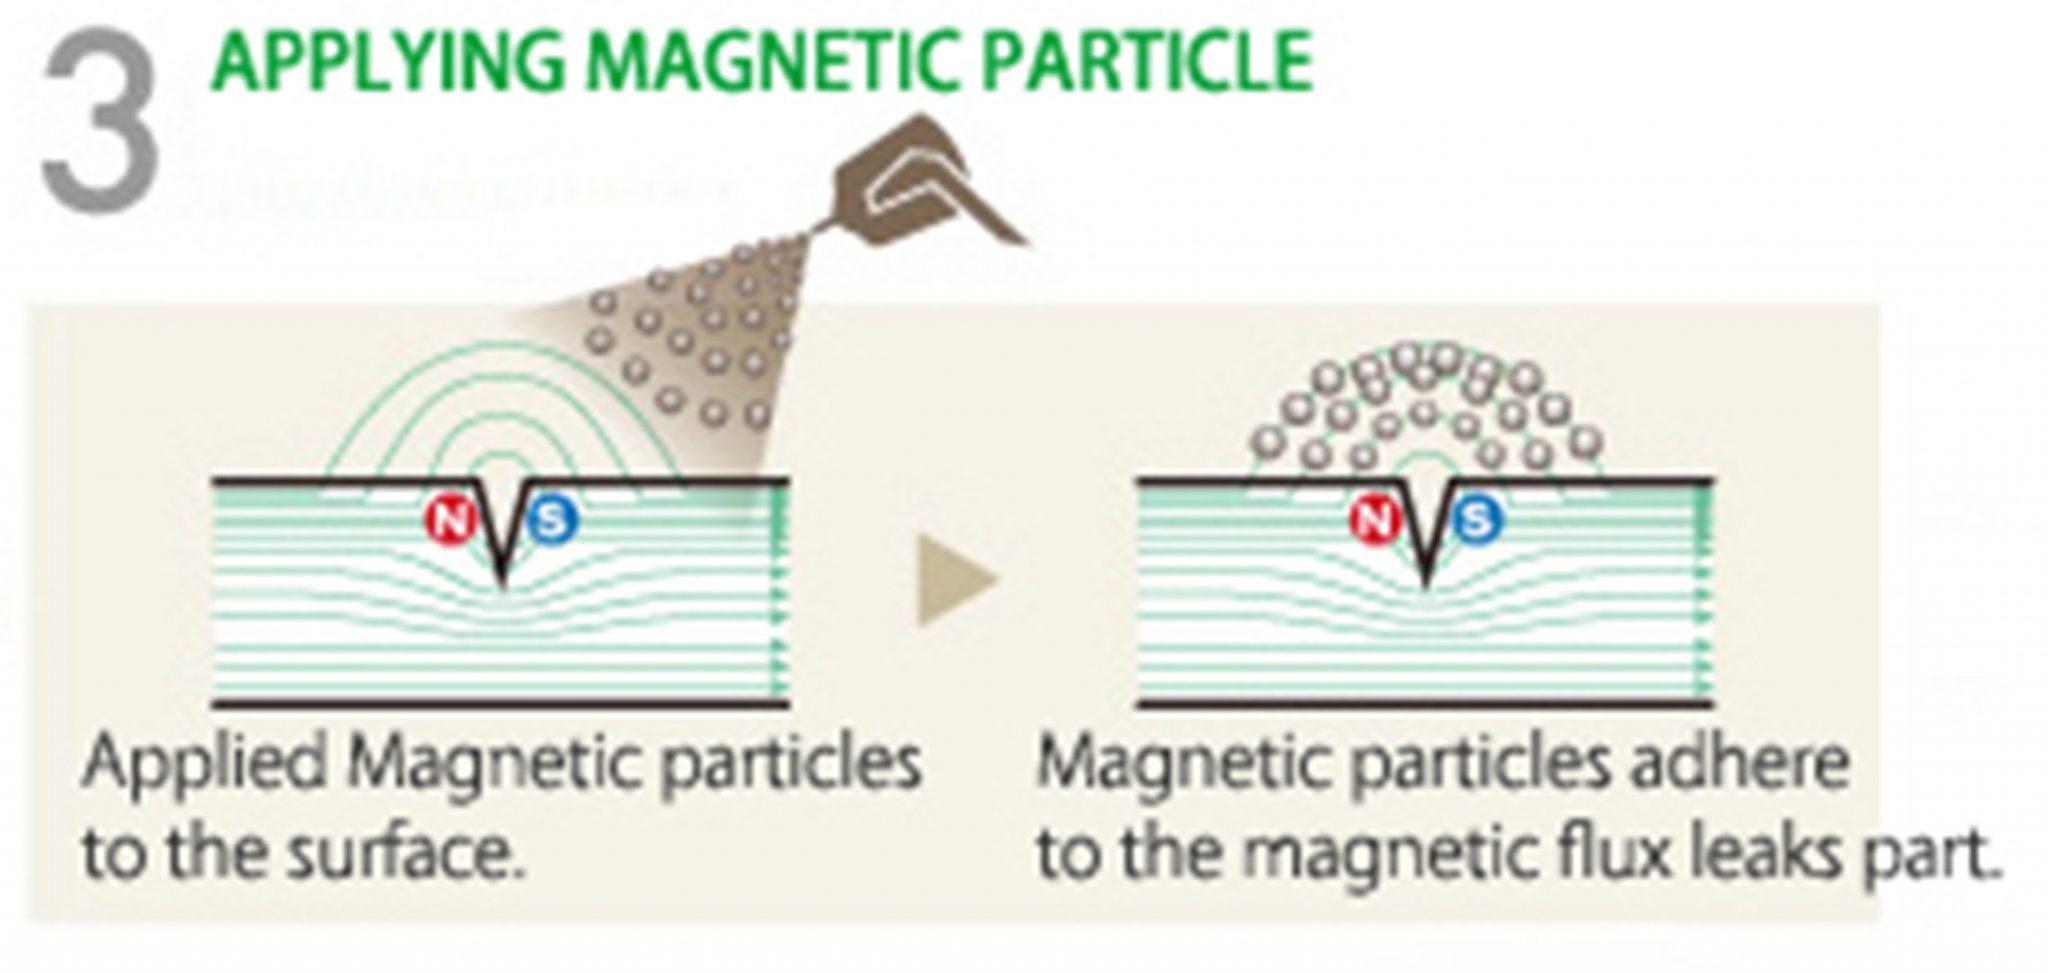 با 6 مرحله انجام تست غیرمخرب به شیوه ذرات مغناطیسی MT آشنا شوید